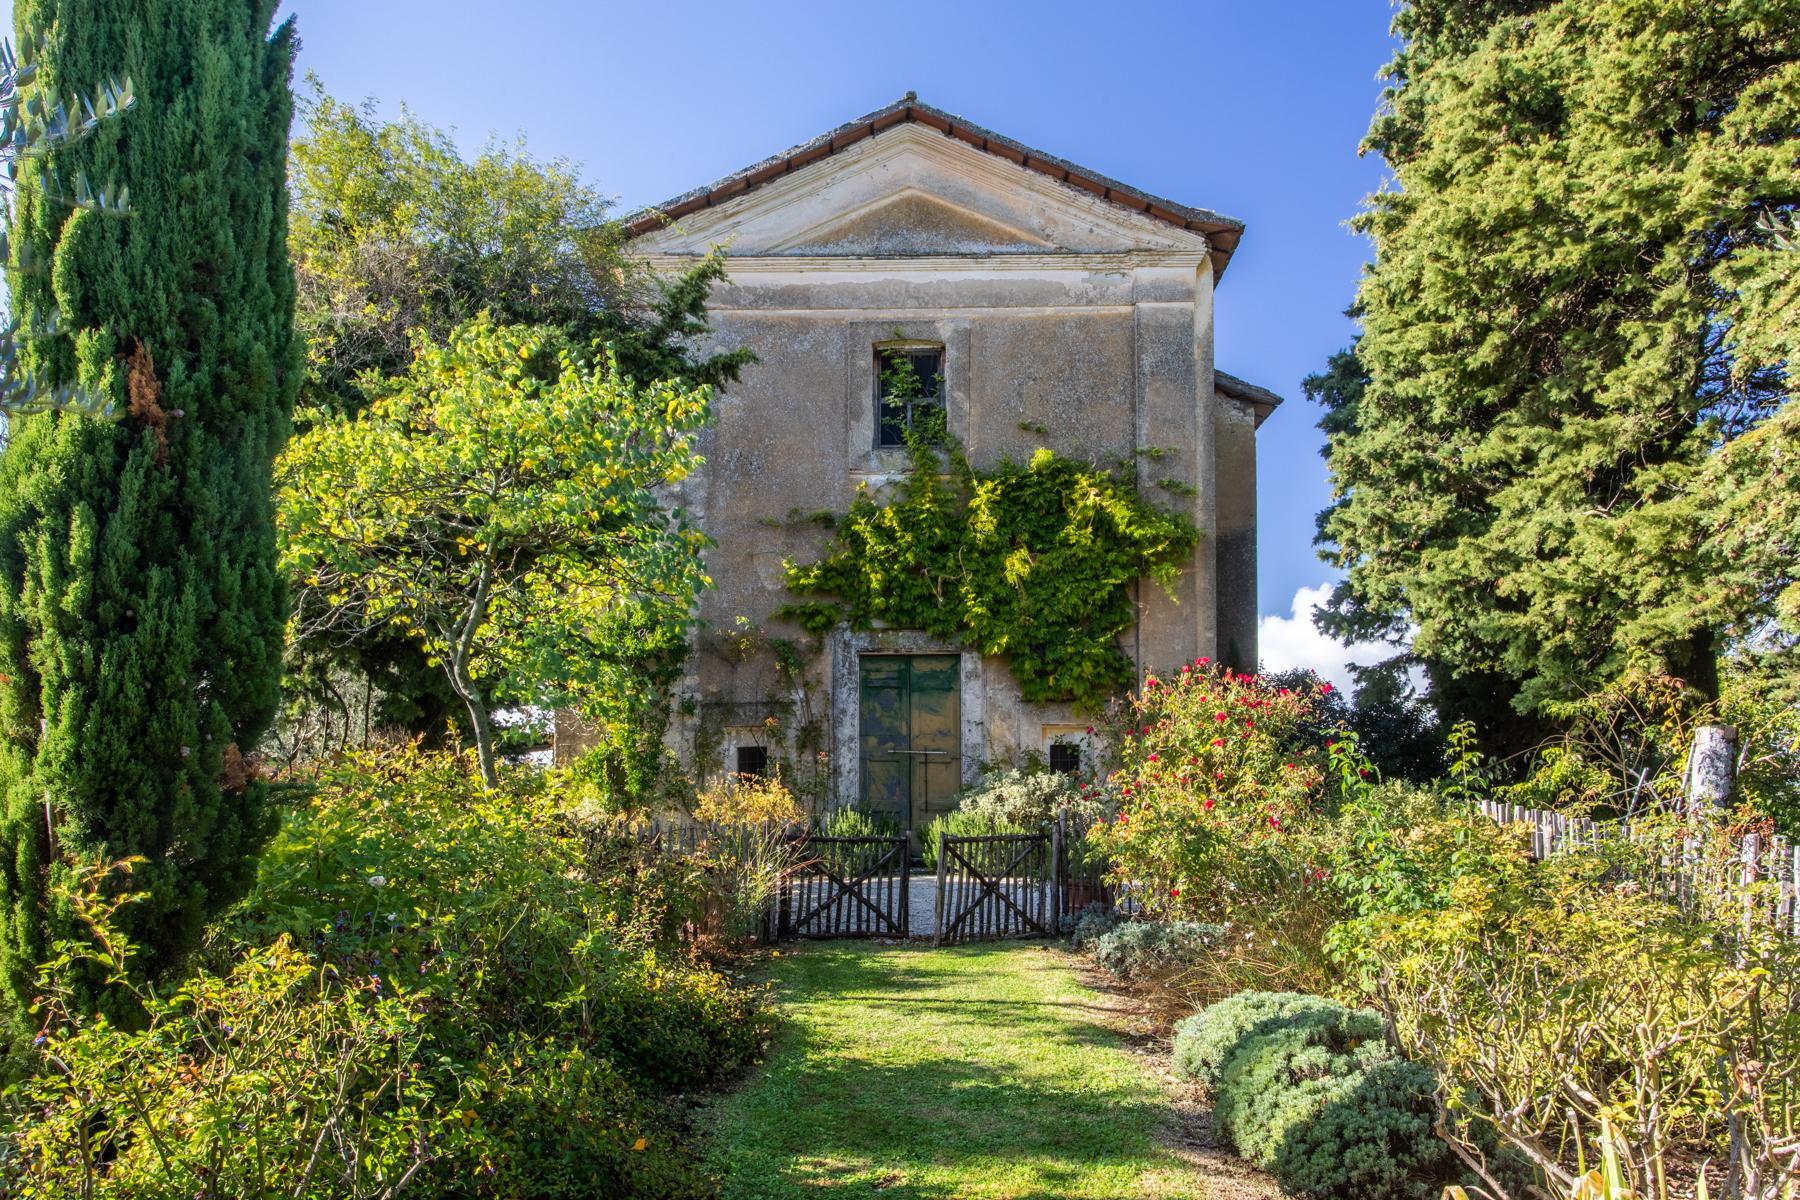 中世纪村庄Oliveto山顶上的雄壮宫殿 - 24